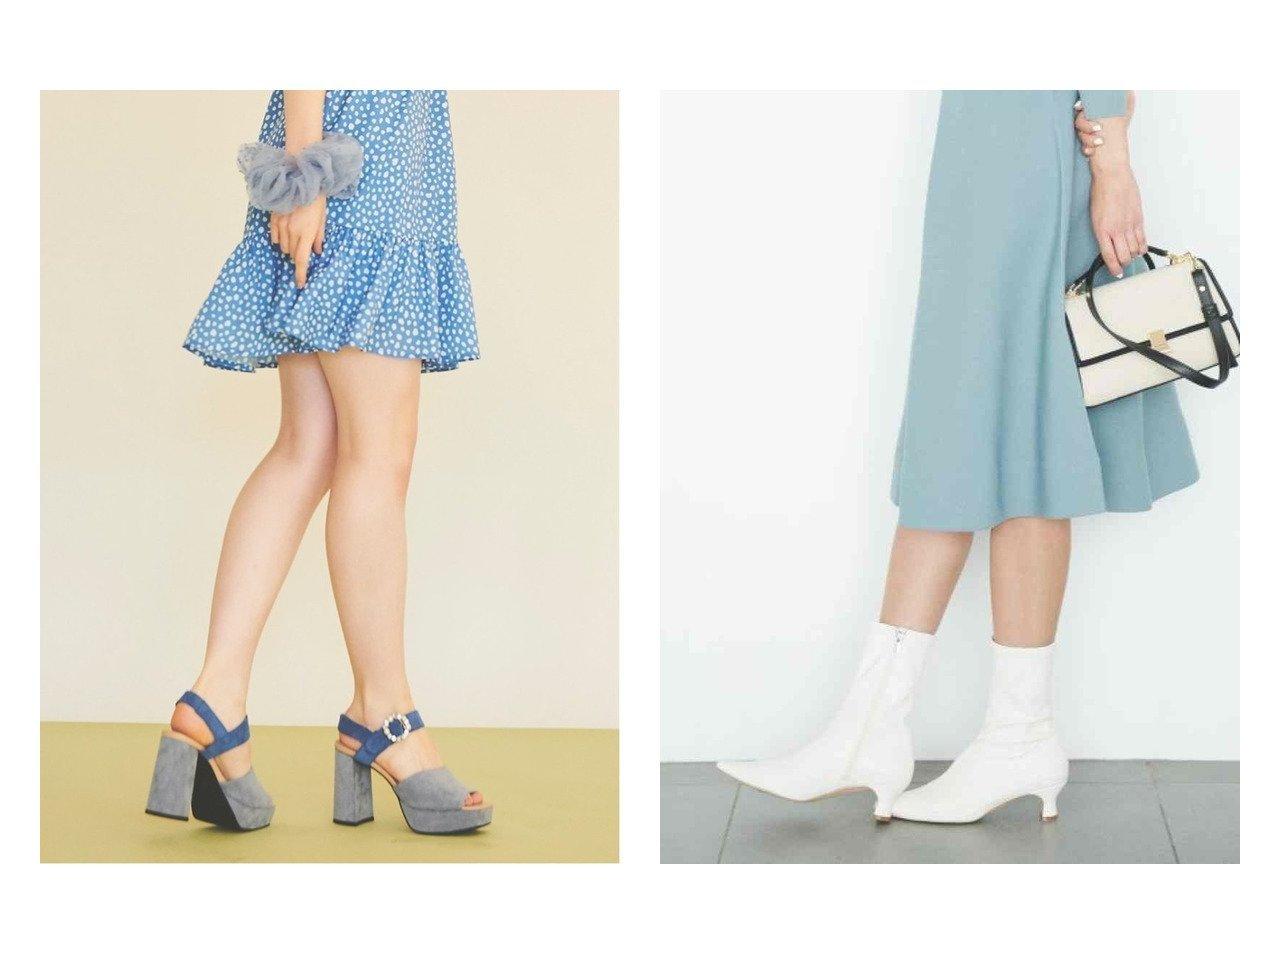 【CELFORD/セルフォード】のストレッチショートブーツ&【31 Sons de mode/トランテアン ソン ドゥ モード】のフェイクスエードビジューサンダル シューズ・靴のおすすめ!人気、トレンド・レディースファッションの通販 おすすめで人気の流行・トレンド、ファッションの通販商品 メンズファッション・キッズファッション・インテリア・家具・レディースファッション・服の通販 founy(ファニー) https://founy.com/ ファッション Fashion レディースファッション WOMEN NEW・新作・新着・新入荷 New Arrivals シューズ ショート ストレッチ バランス フェイクレザー ミドル 再入荷 Restock/Back in Stock/Re Arrival 春 Spring 2021年 2021 2021 春夏 S/S SS Spring/Summer 2021 S/S 春夏 SS Spring/Summer サンダル ソックス フェイクスウェード ミュール |ID:crp329100000011794